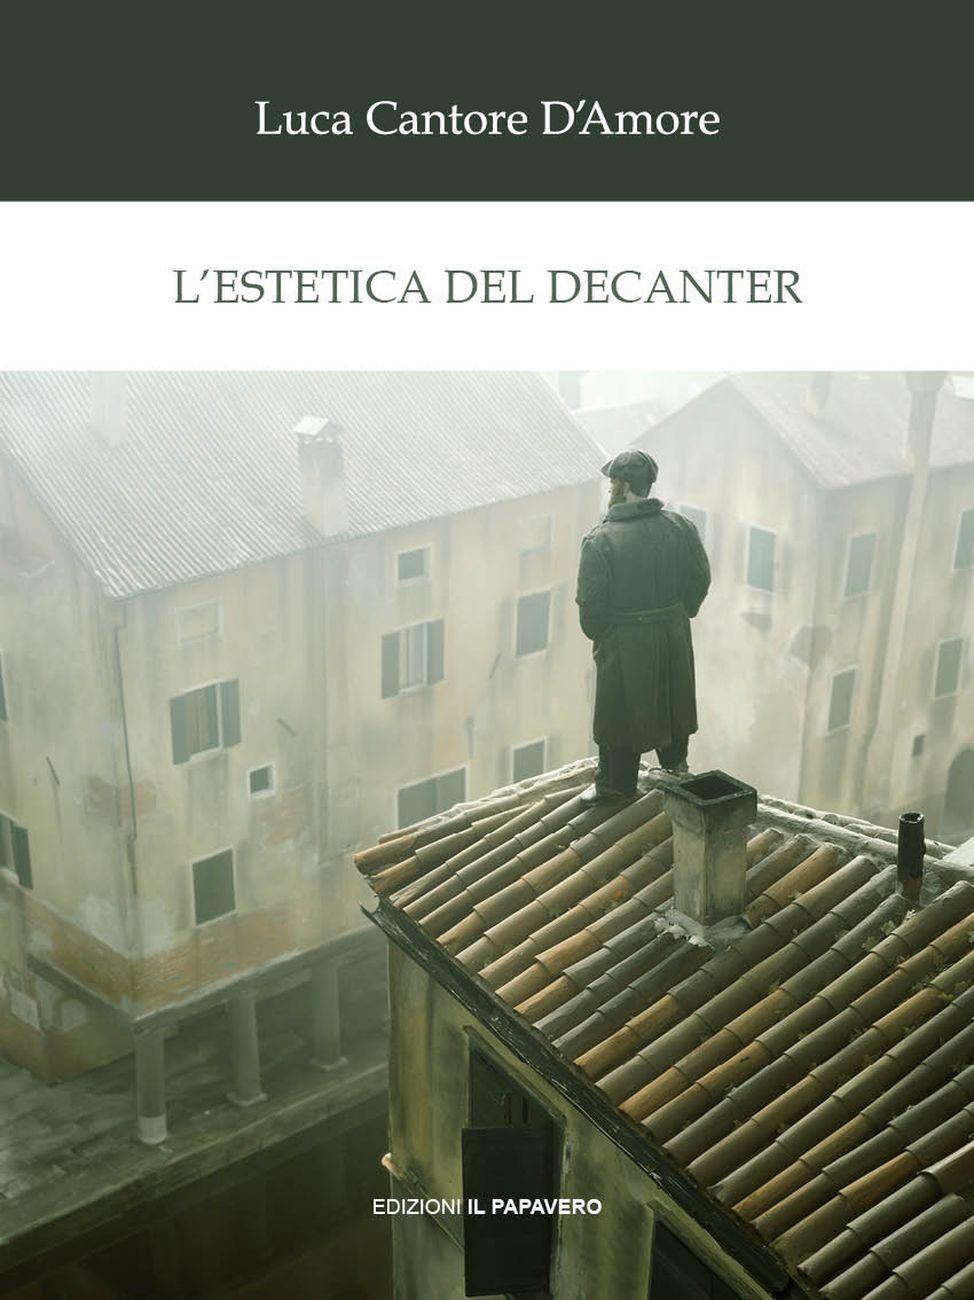 Luca Cantore D'Amore – L'estetica del decanter (Edizioni Il Papavero – Manocalzati, 2019). Copertina di Paolo Ventura